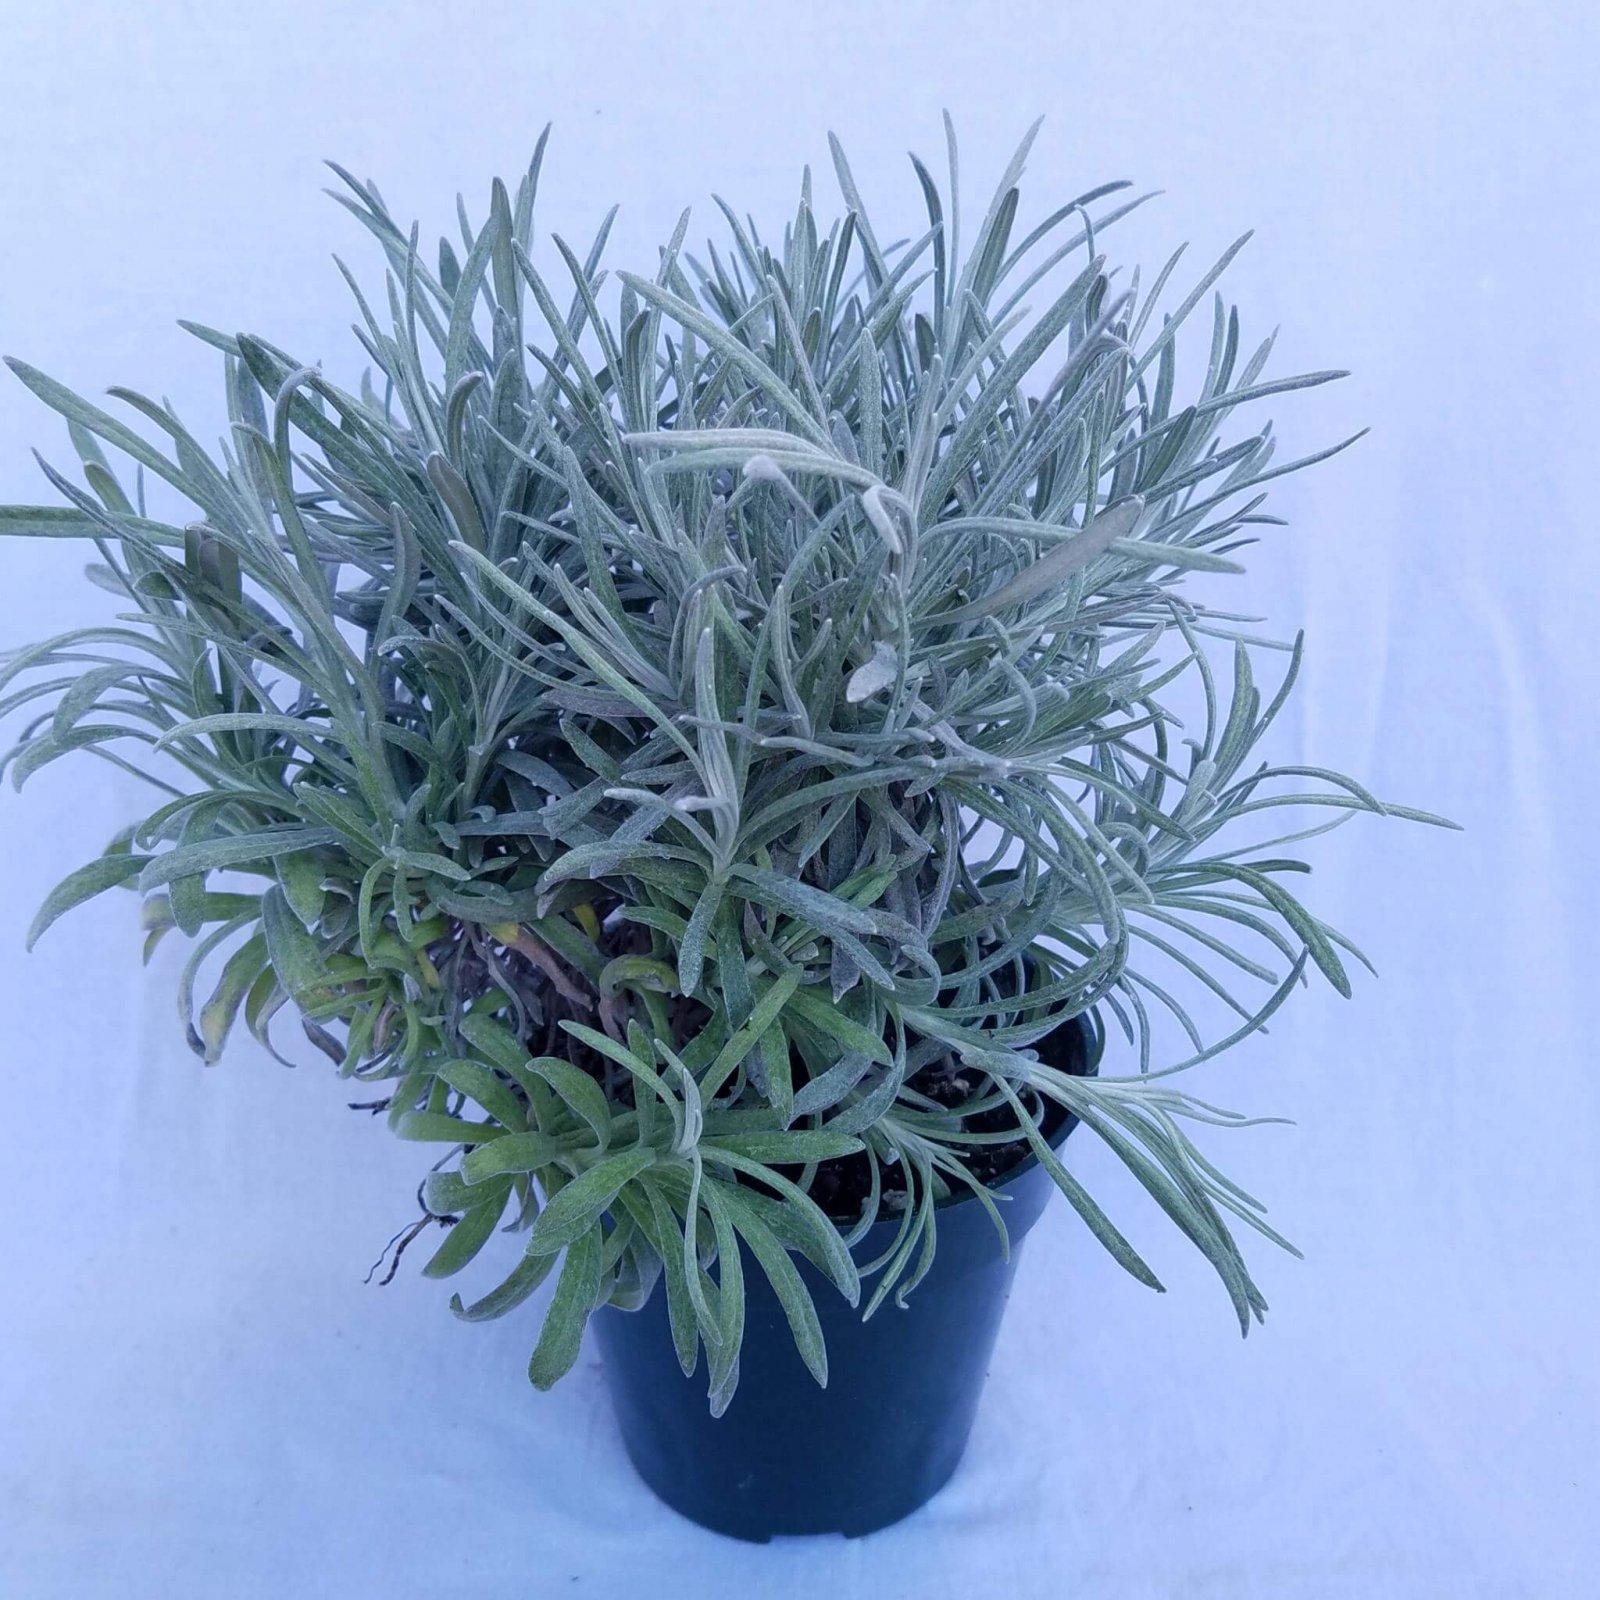 Helichrysum petiolatum 'Icicles' - 4 1/2